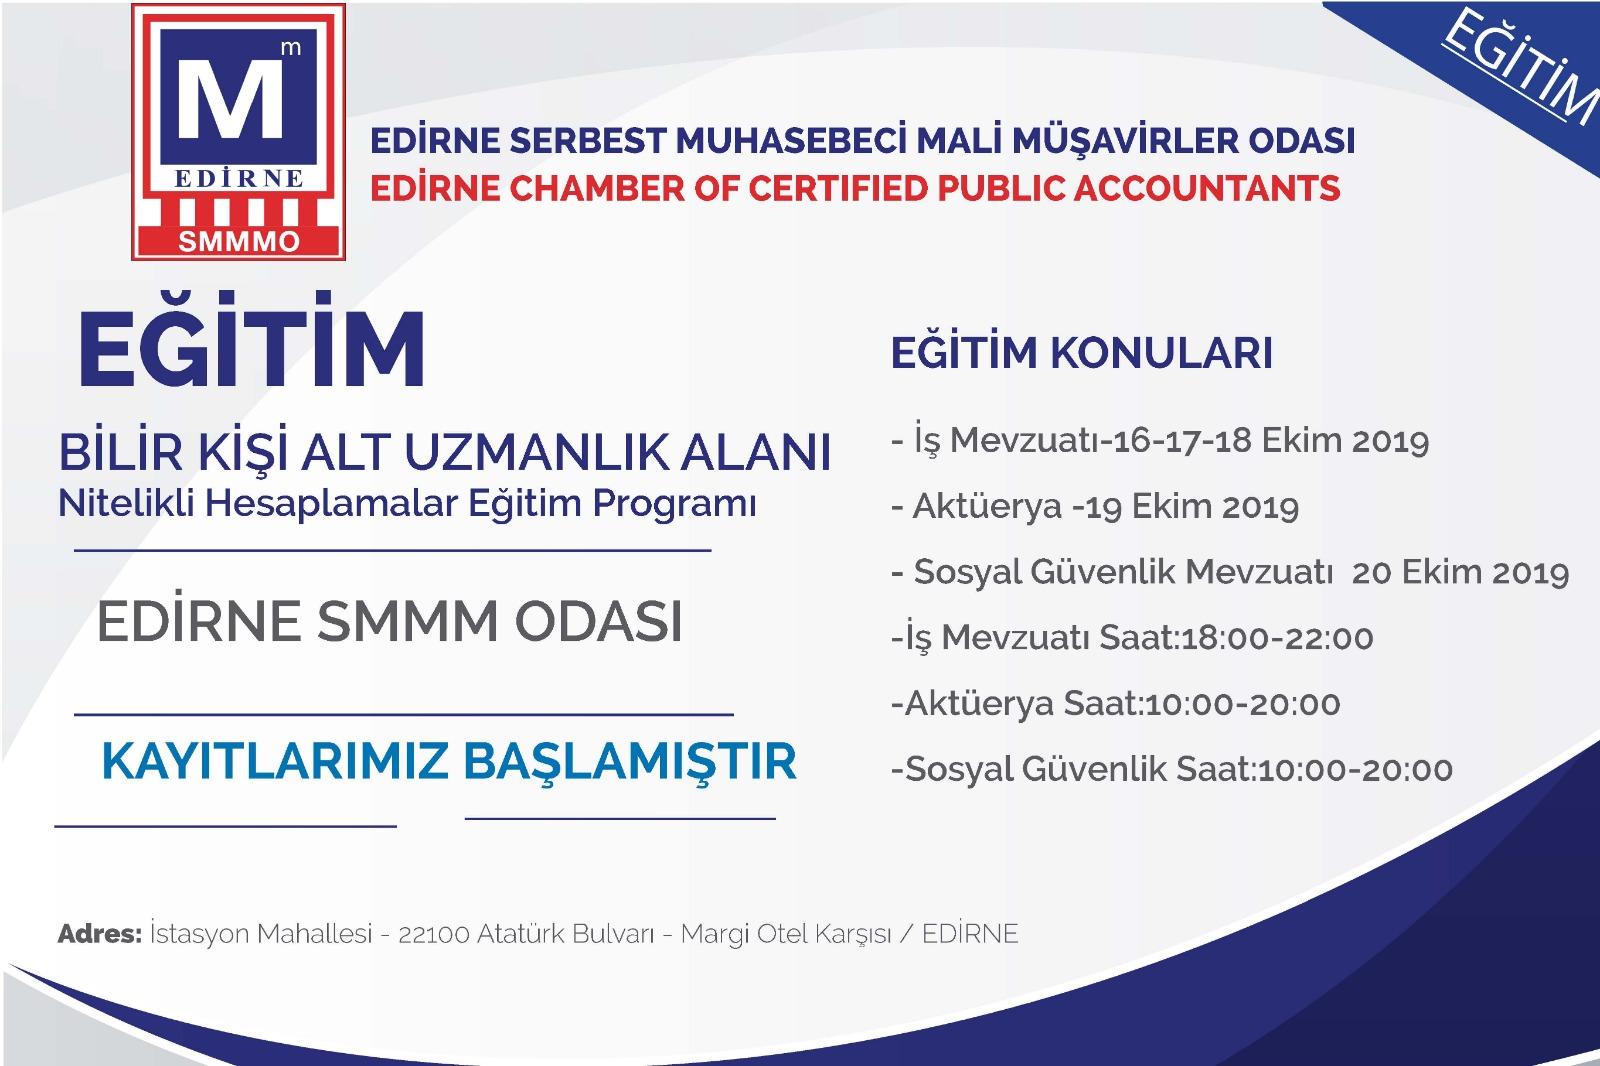 Edirne SMMM Odası Bilirkişi Alt uzmanlık eğitim programı